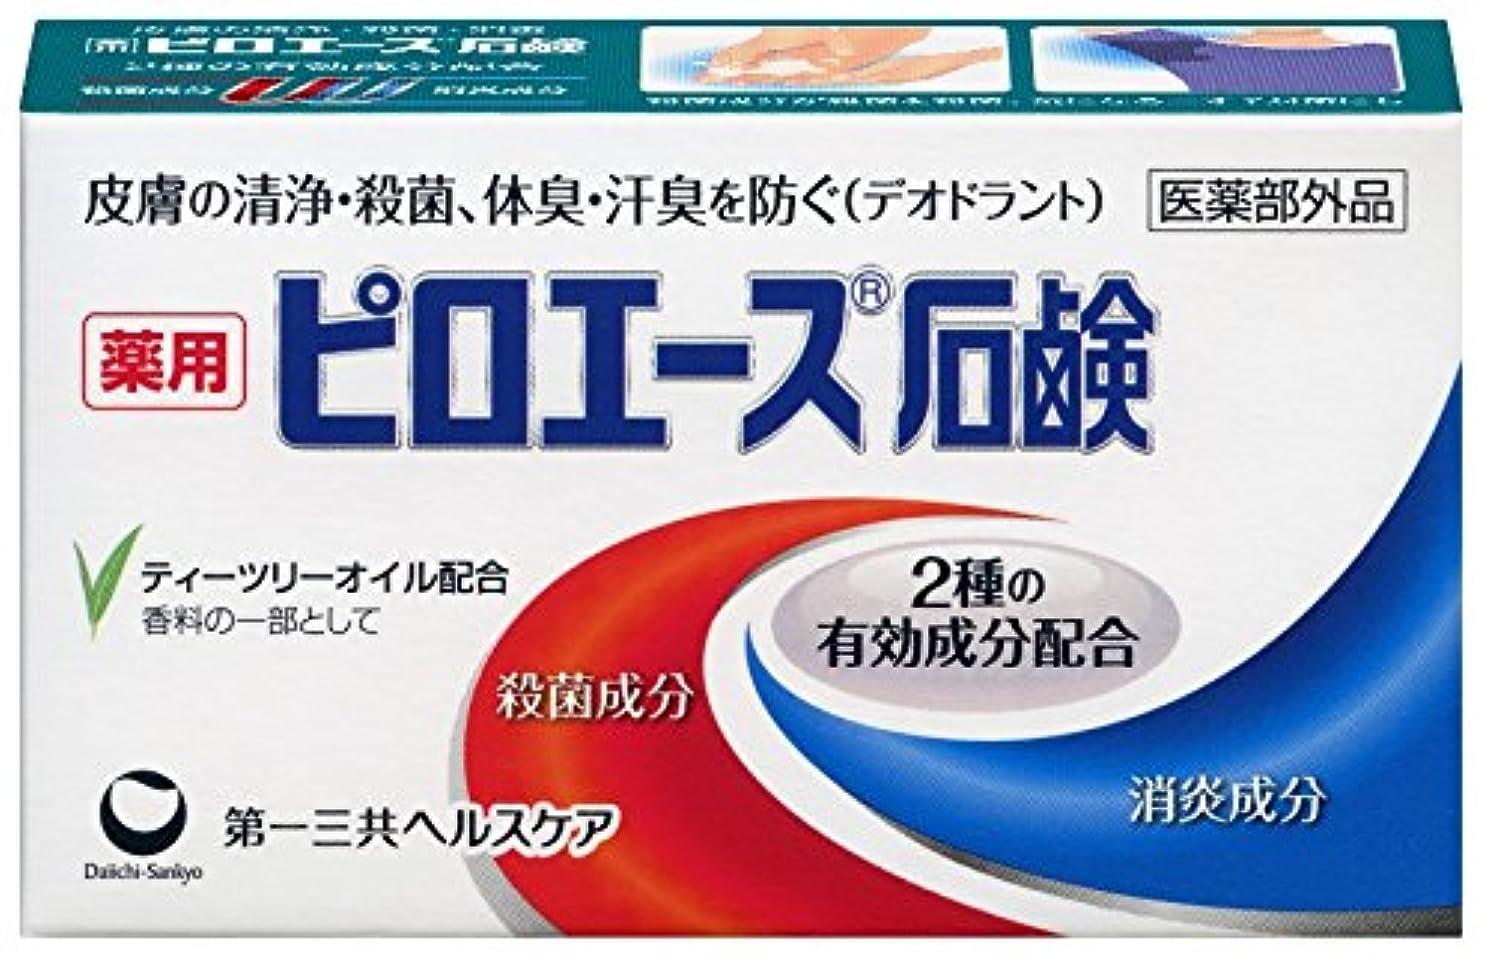 快い透けるプログレッシブ第一三共ヘルスケア ピロエース石鹸 70g 【医薬部外品】